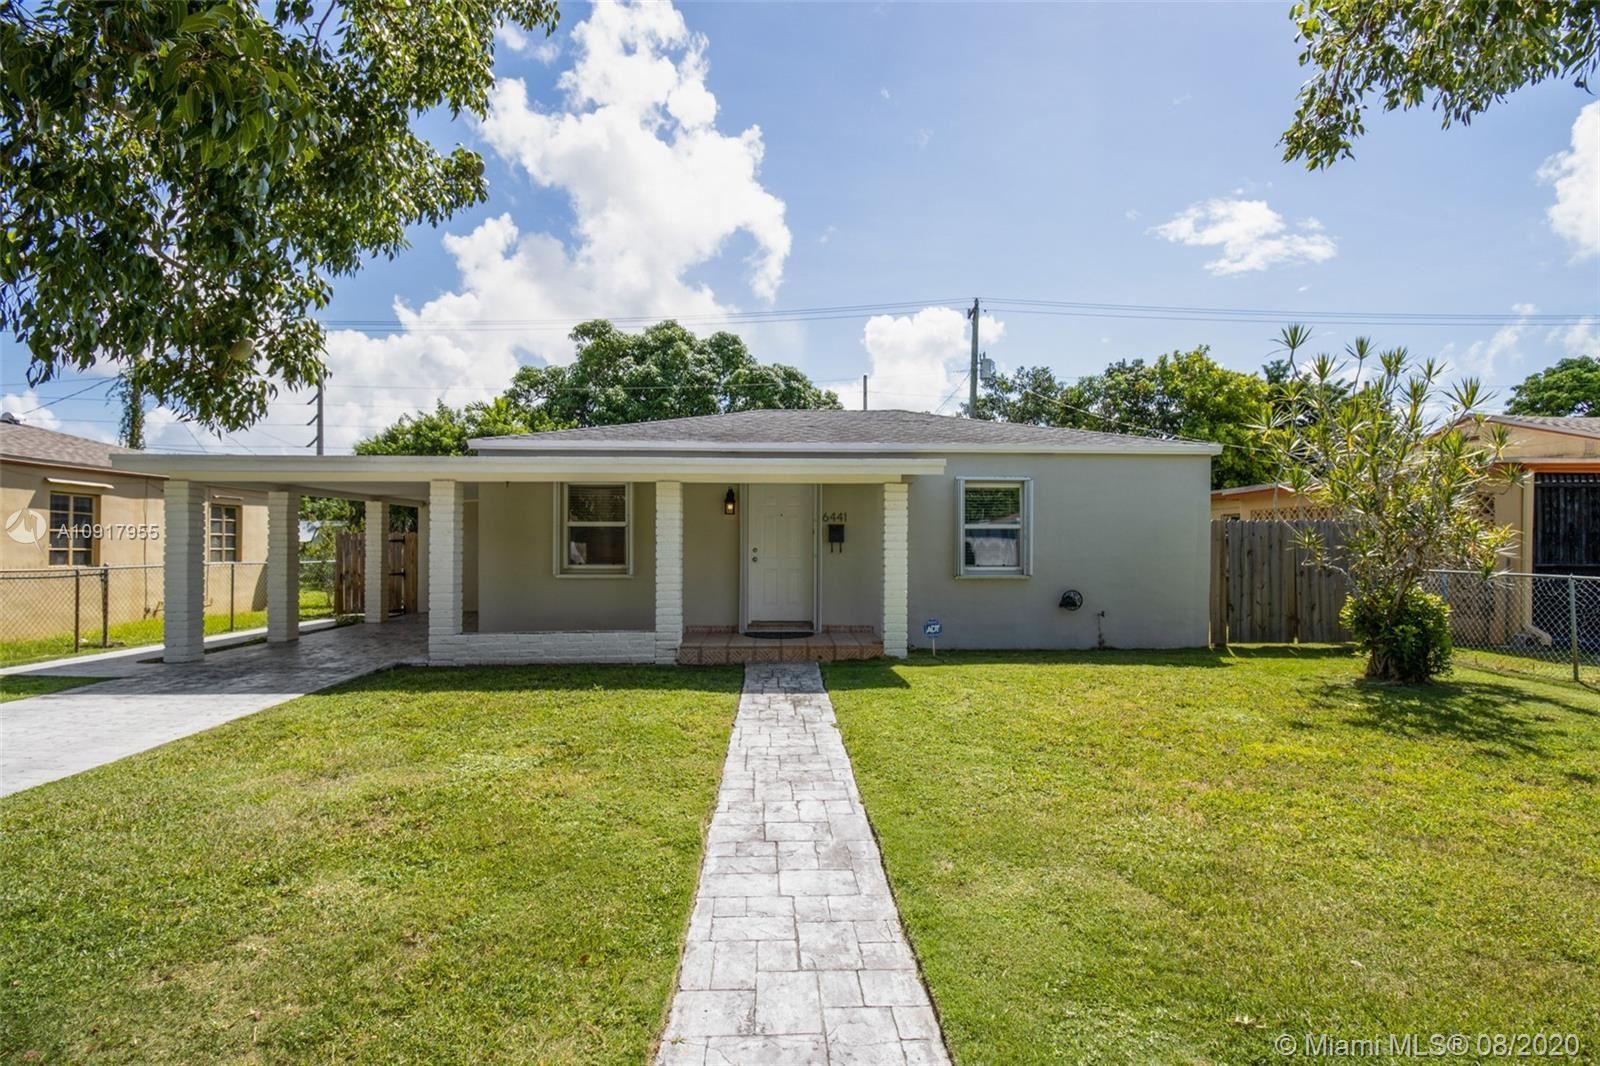 6441 SW 58th Ave, South Miami, FL 33143 - #: A10917955